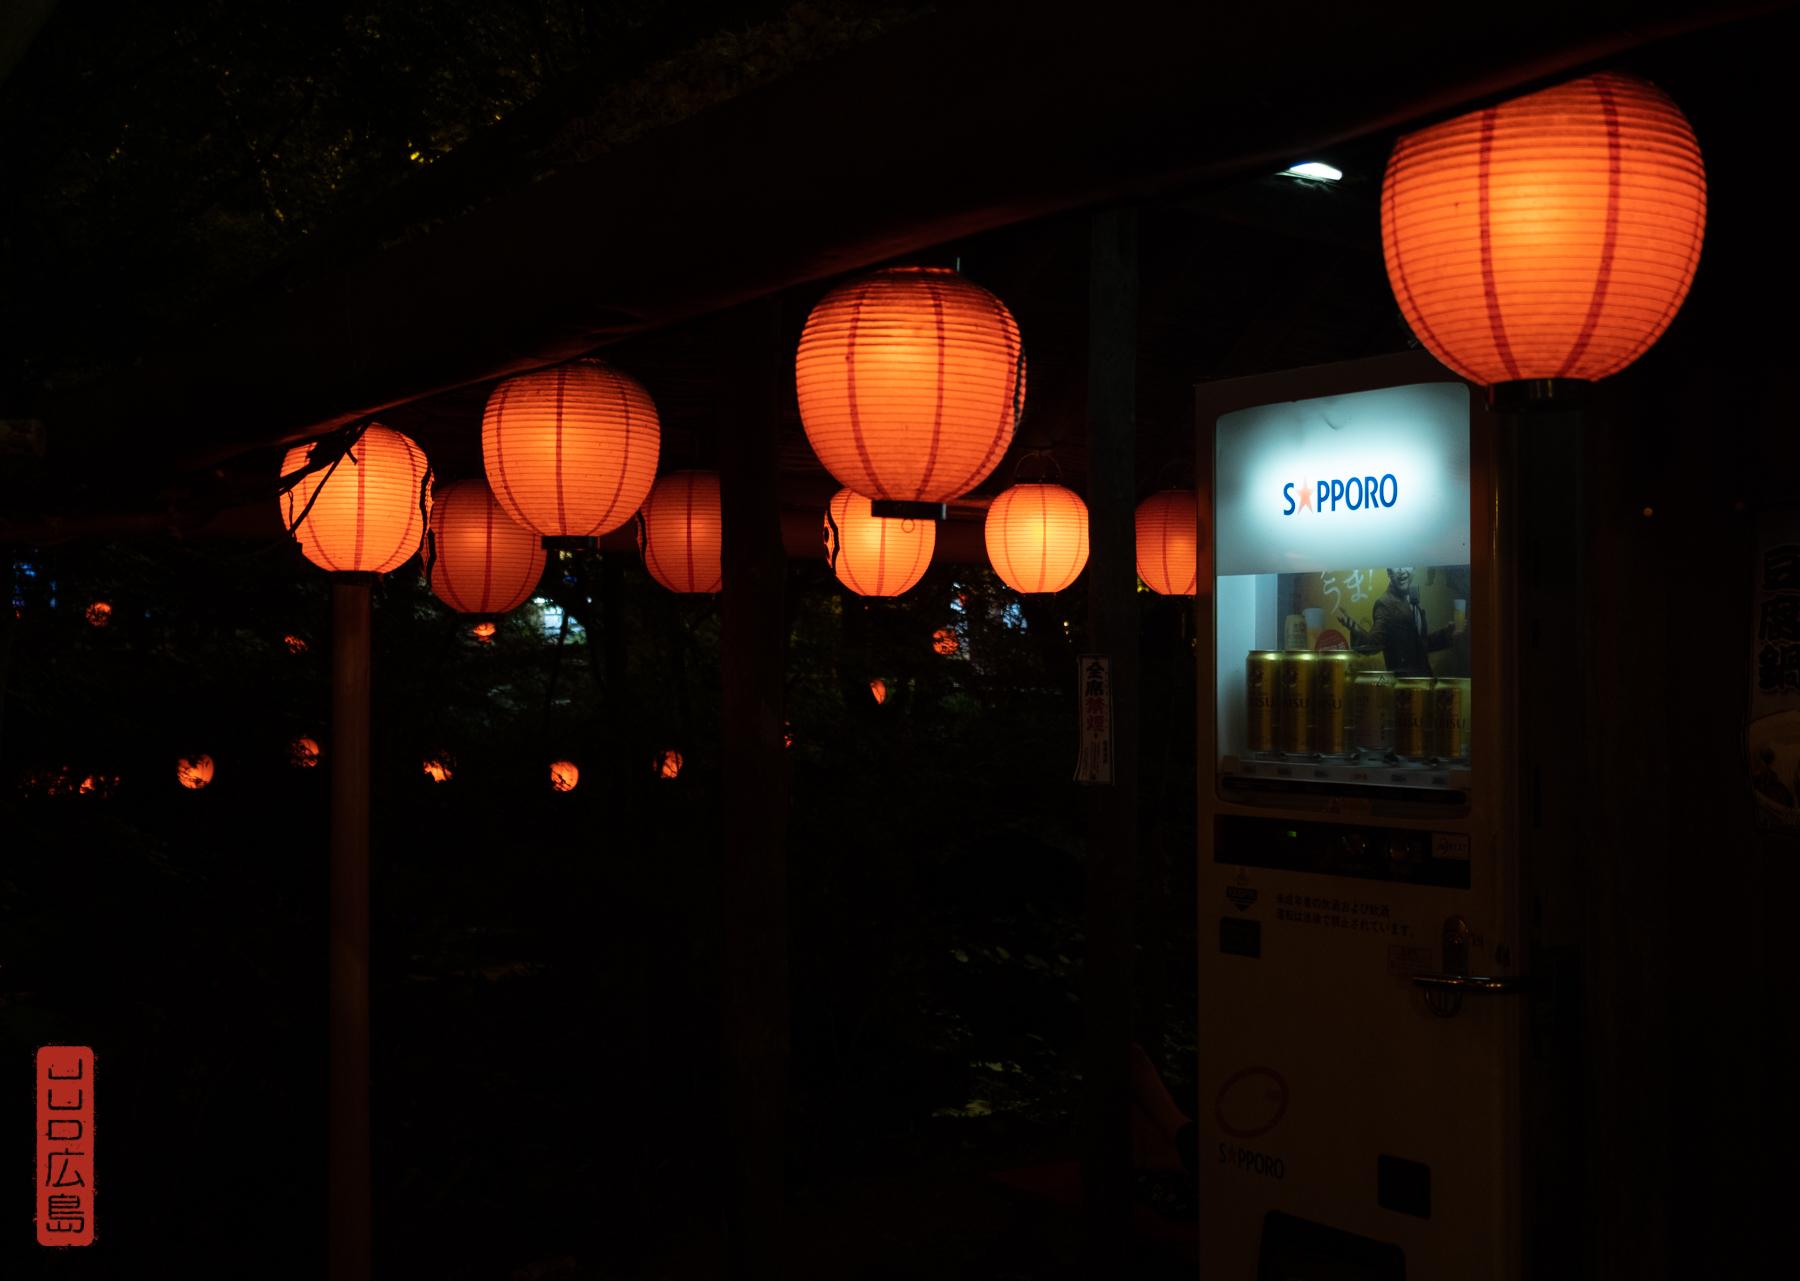 Sanzoku lanternes distributeur de bières Japon